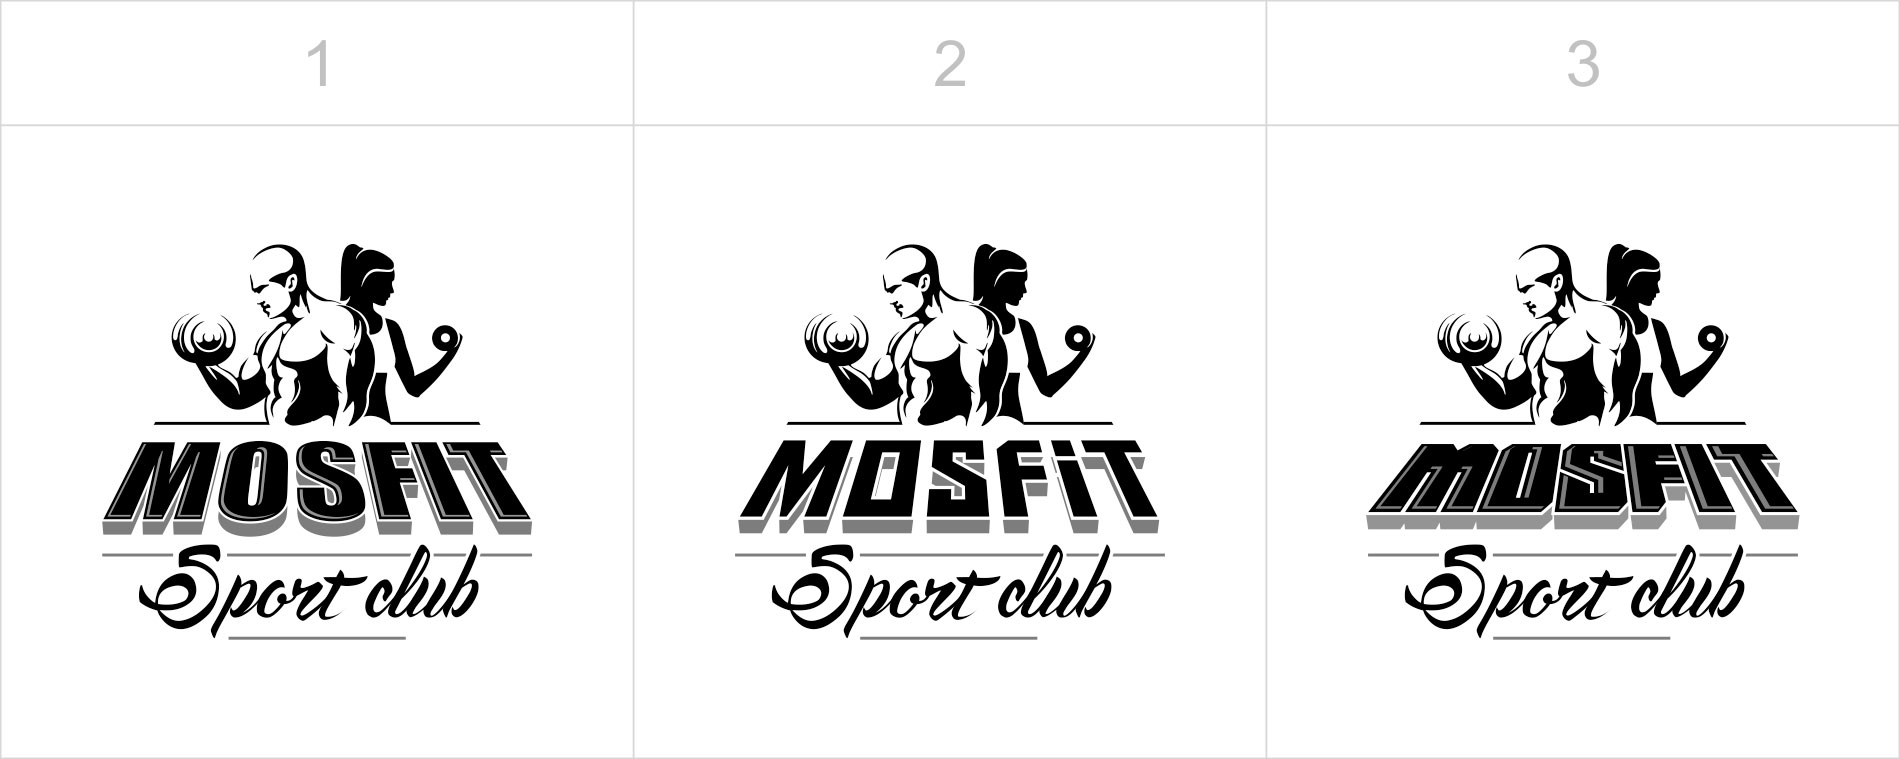 Логотип Мосфит1